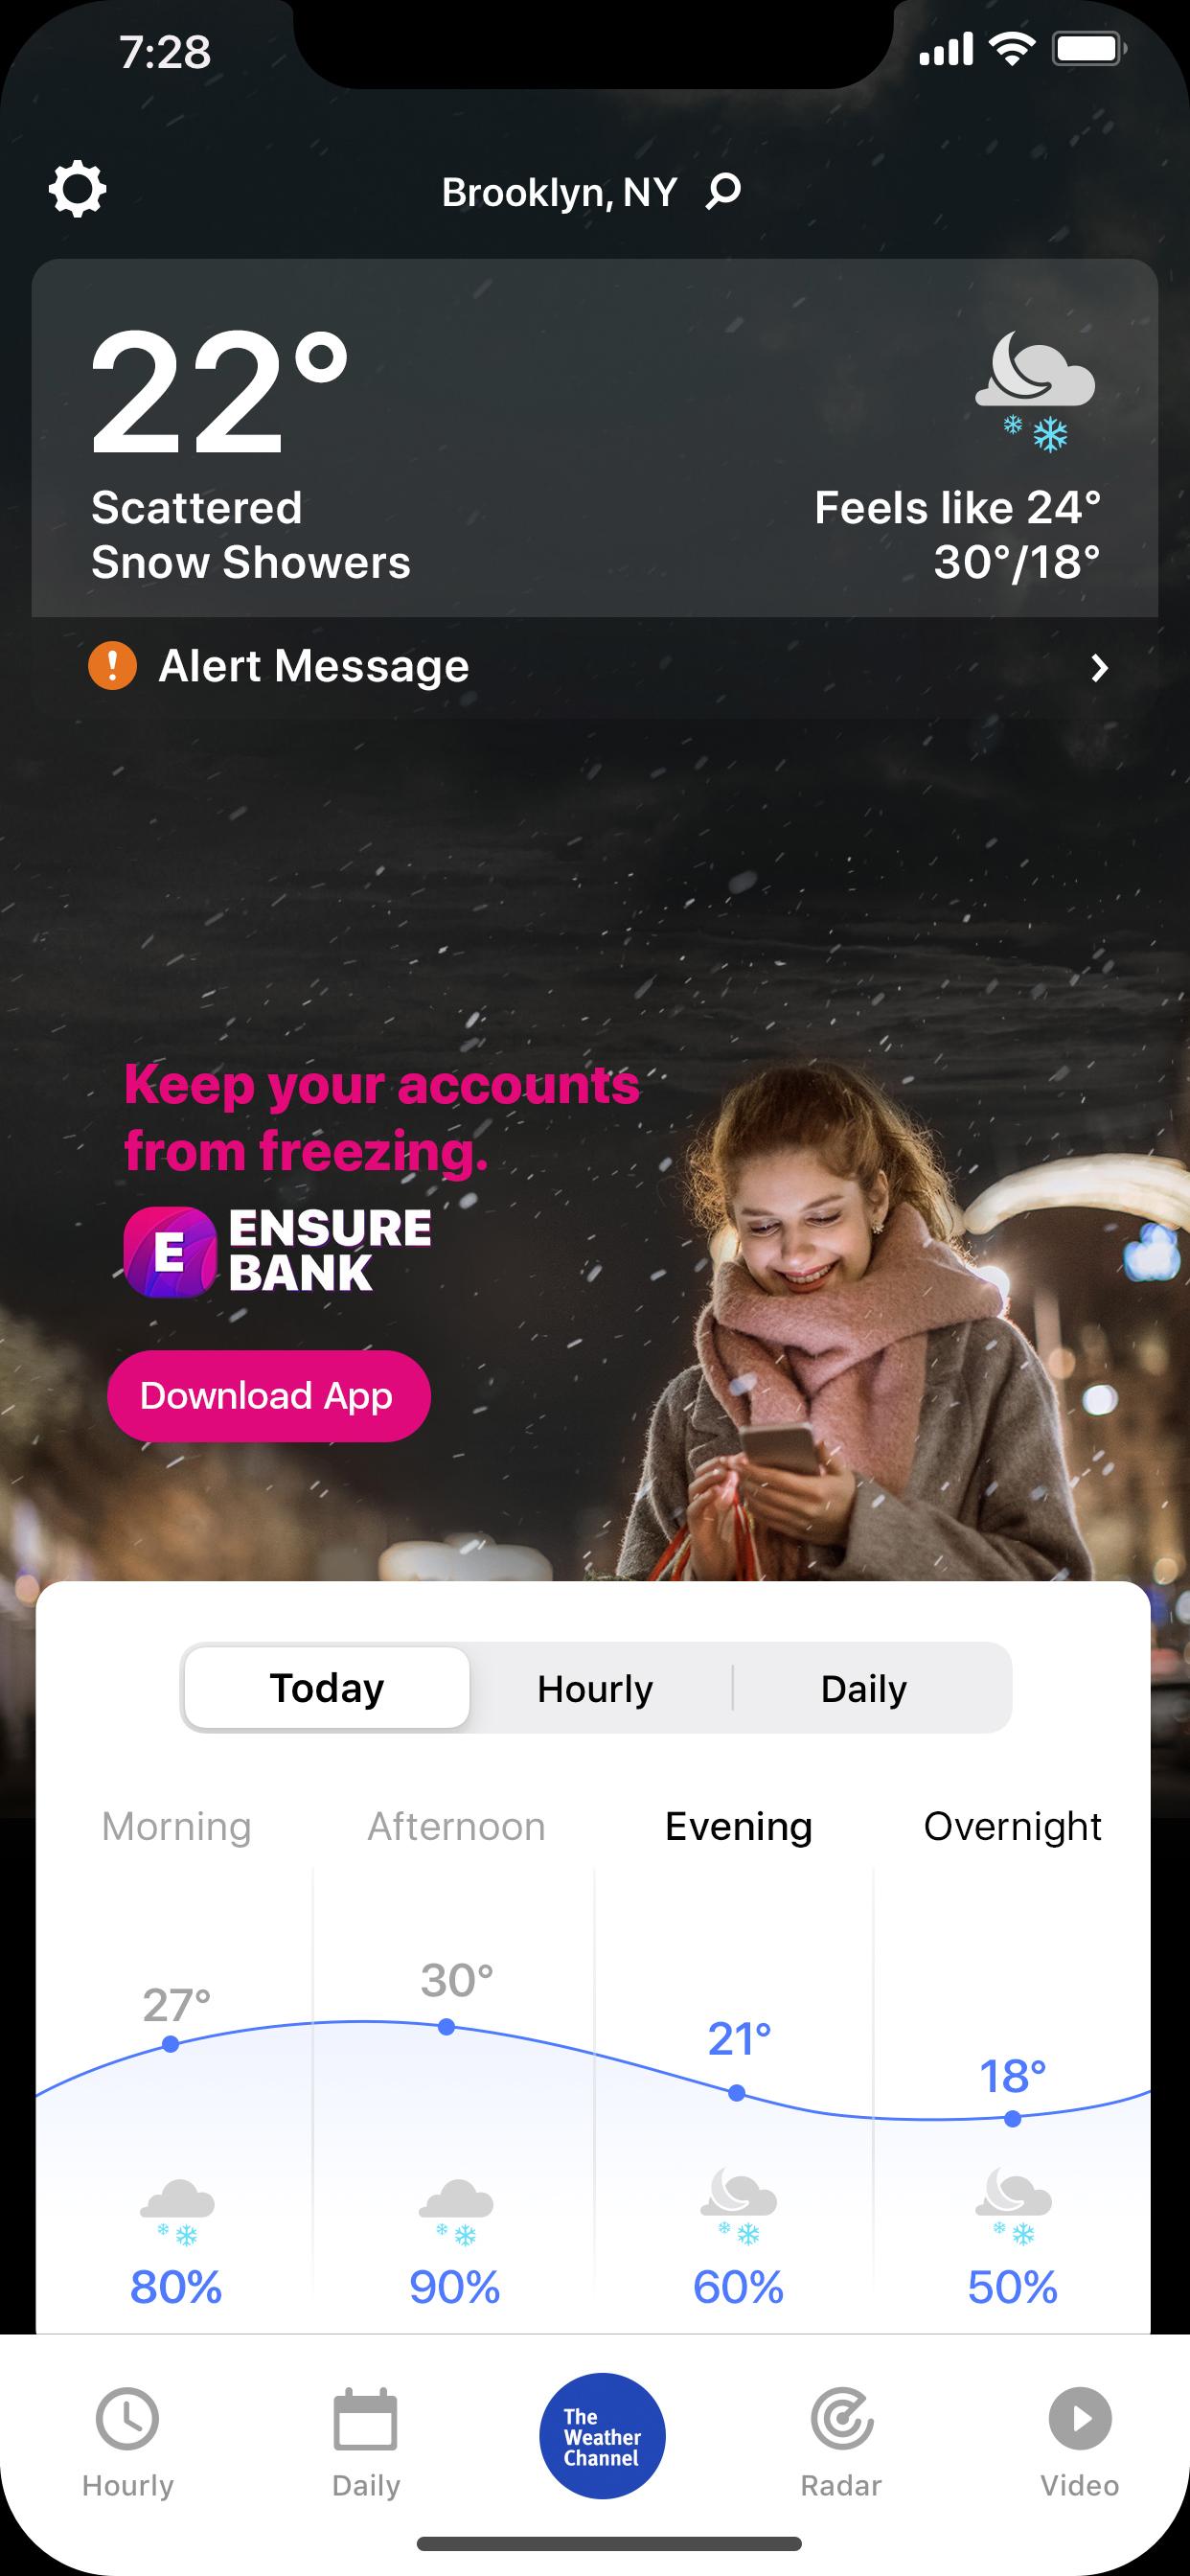 GenericBankApp_Mobile_App-IM_NextGen-Mock_Winter Night